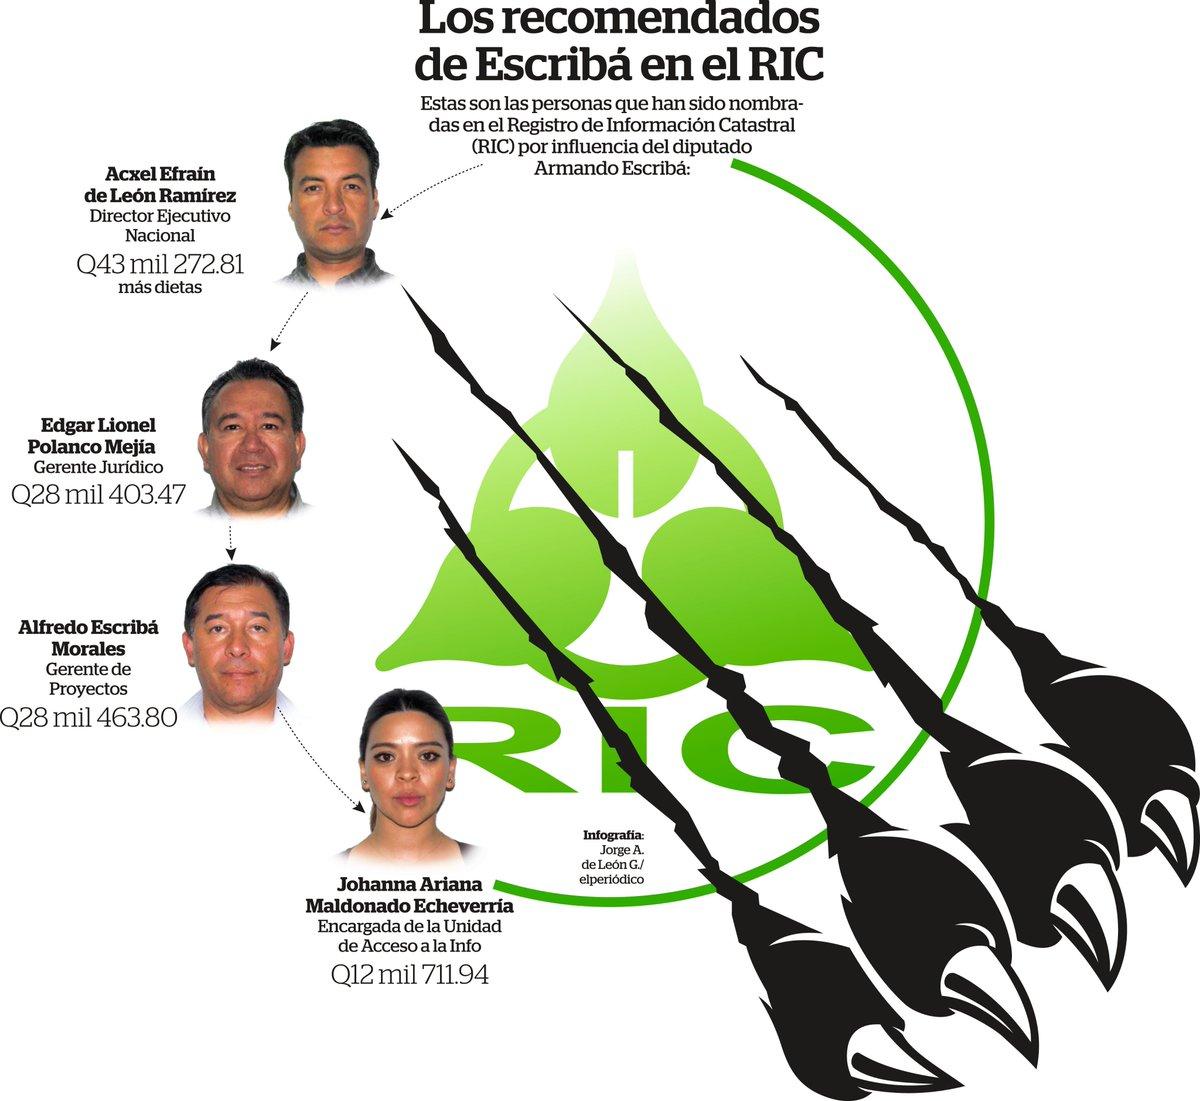 Quienes son y cuánto ganan los viejos amigos de Armando Escribá que dirigen el Registro de Información Catastral: bit.ly/2Iy8T2V